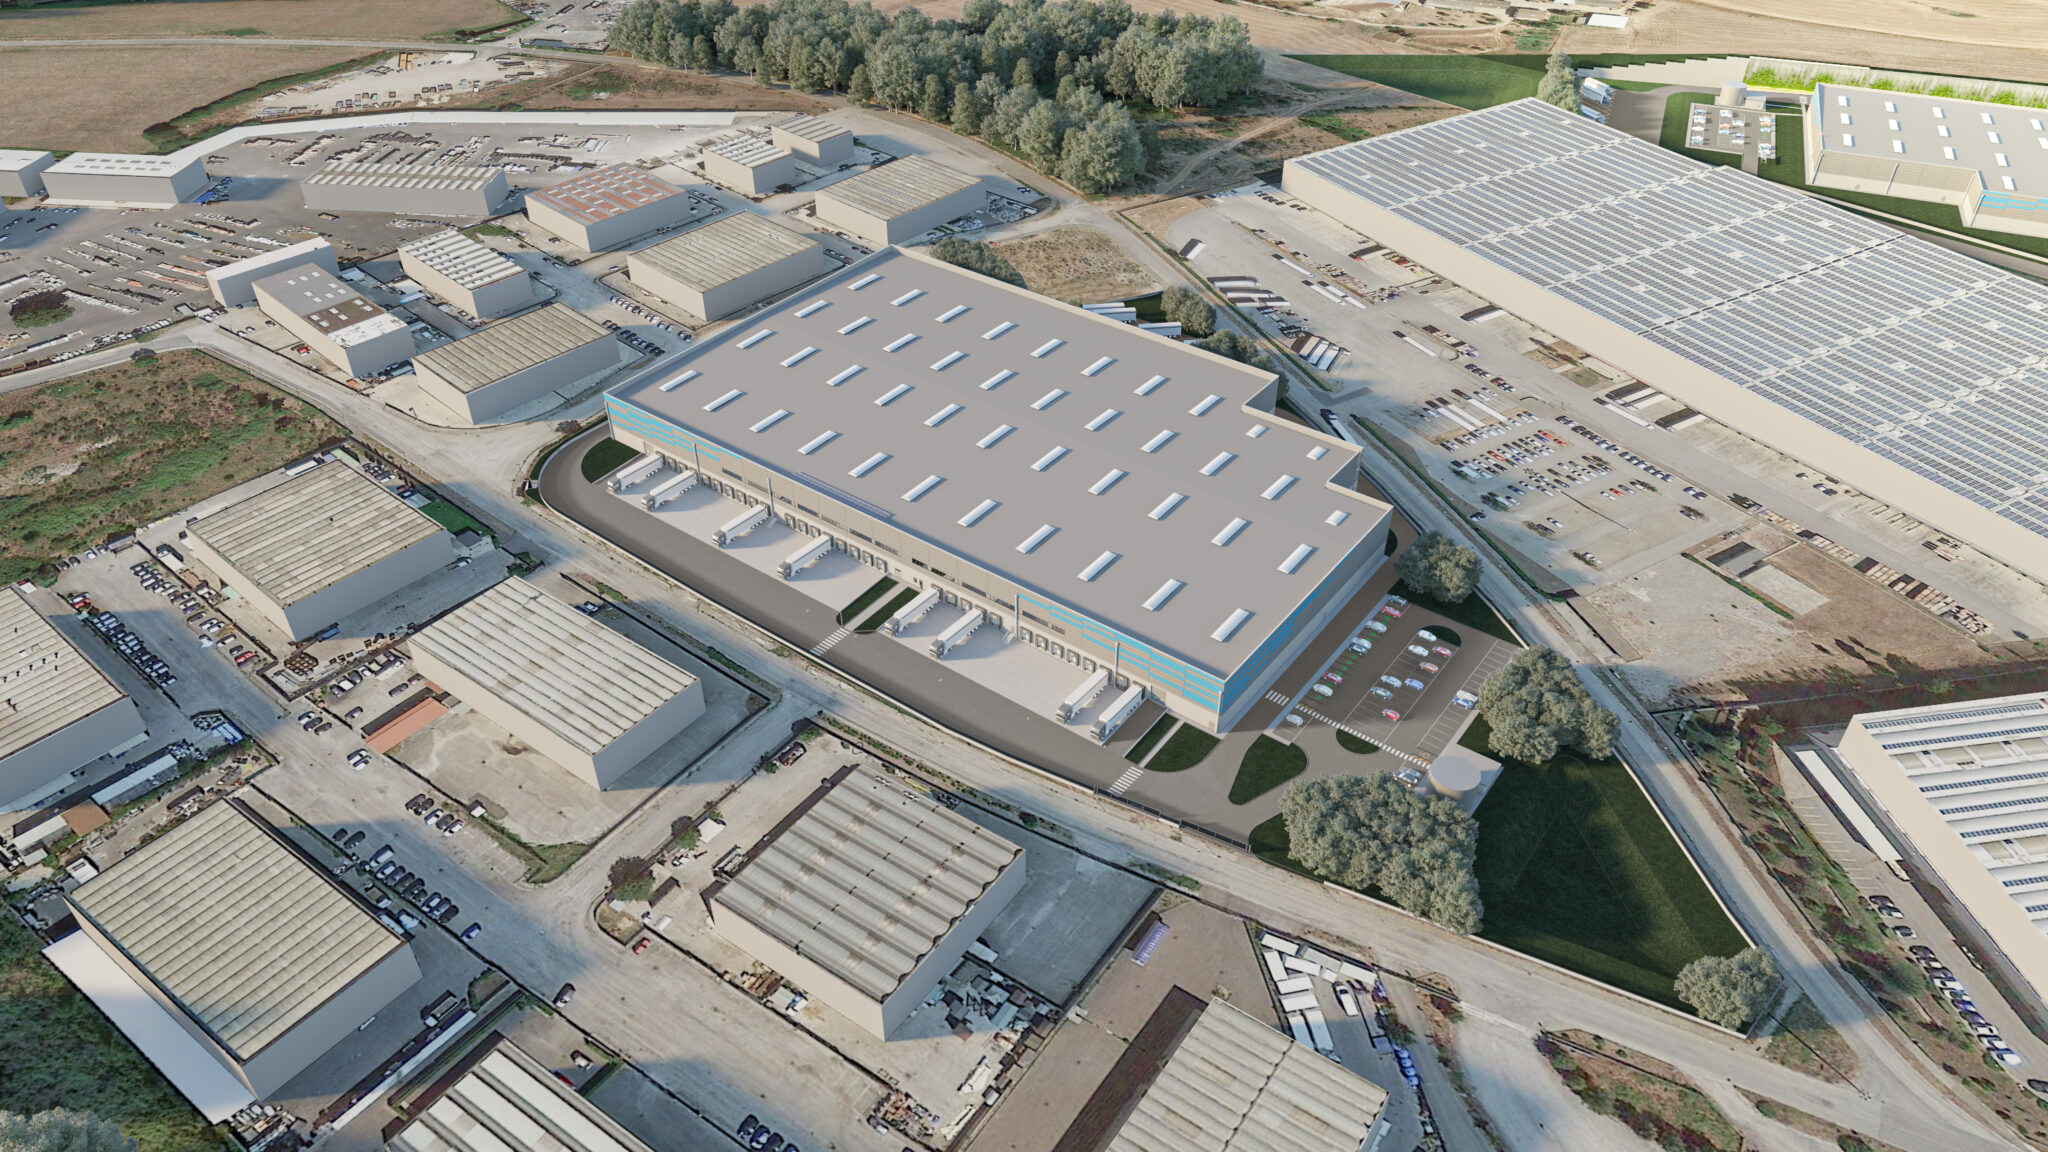 Colleferro - Capannoni logistici, magazzini, deposito industriale, su misura a Roma - SQM Real Estate